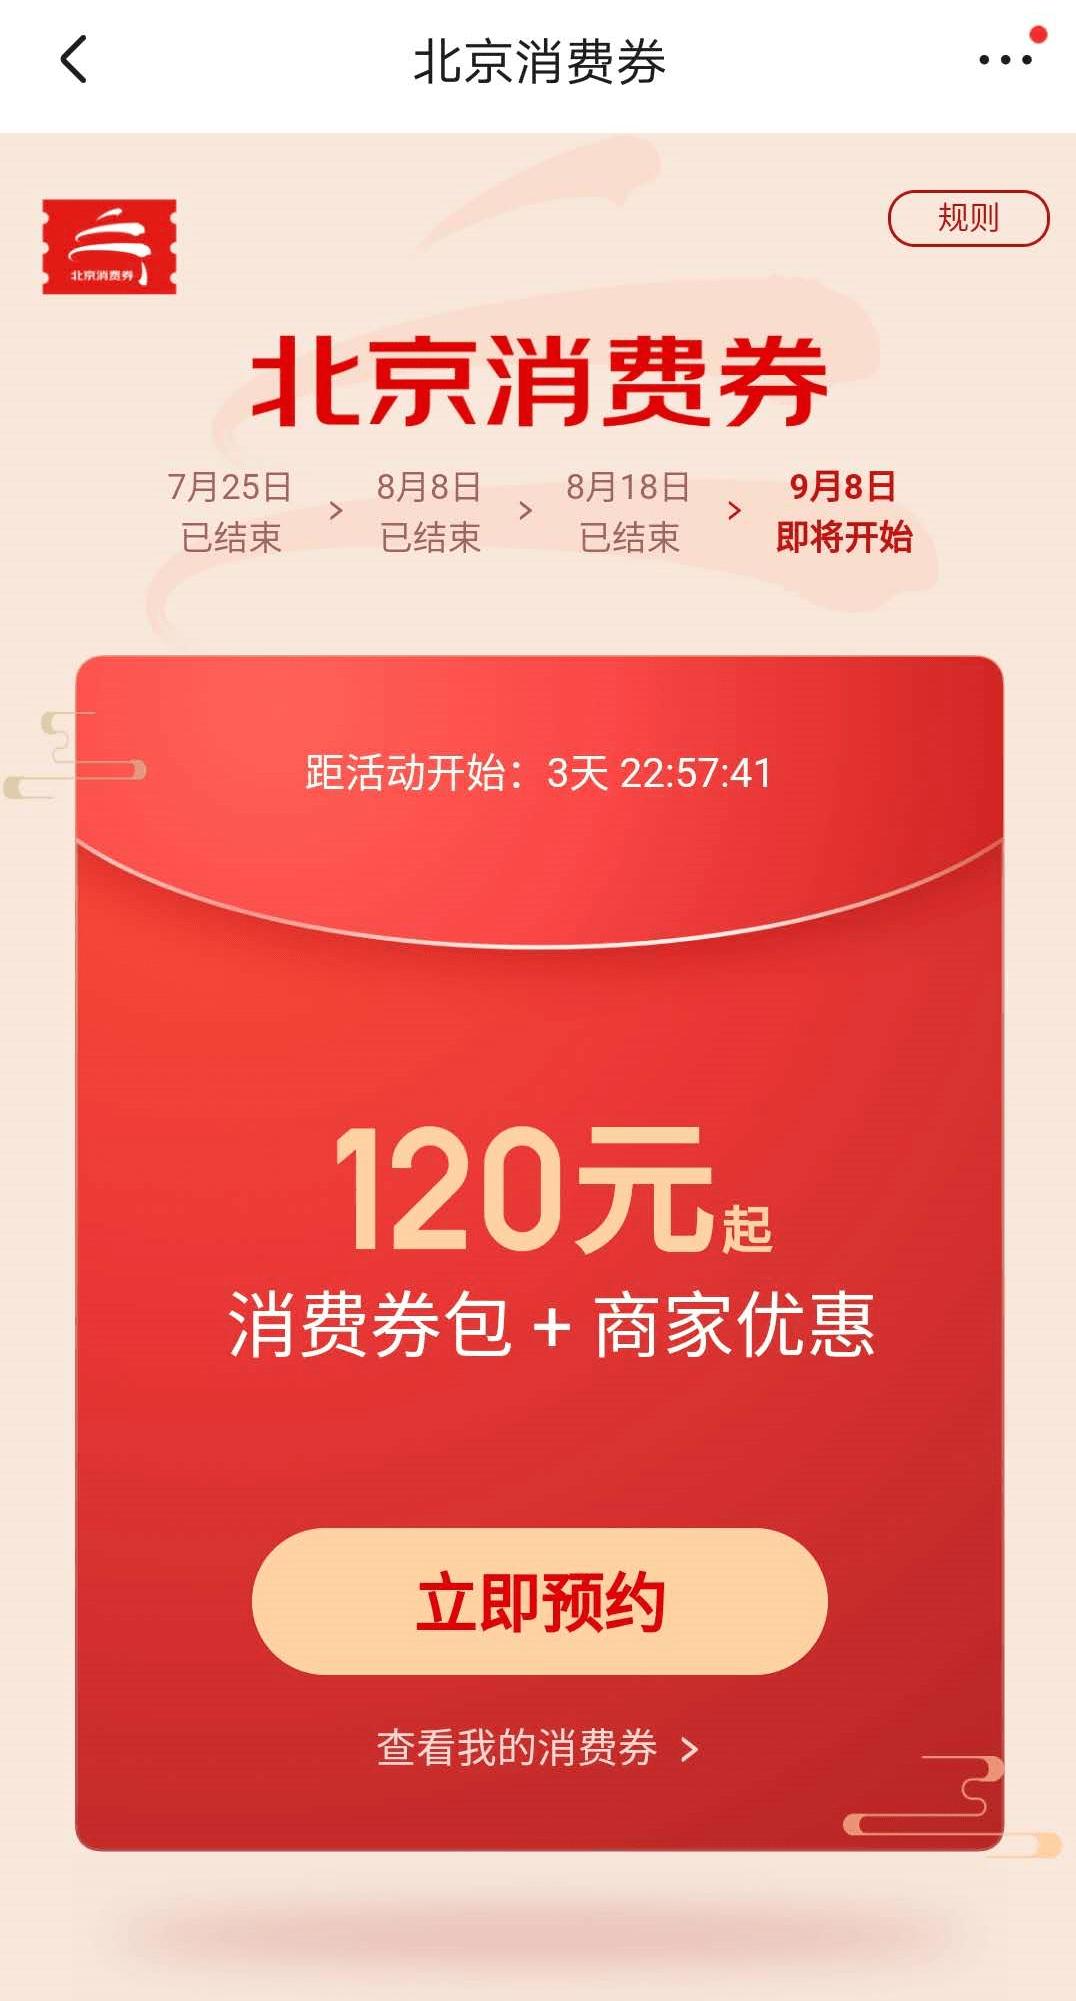 新一批北京消费券要来了,140万张!这些时尚活动即将启幕——